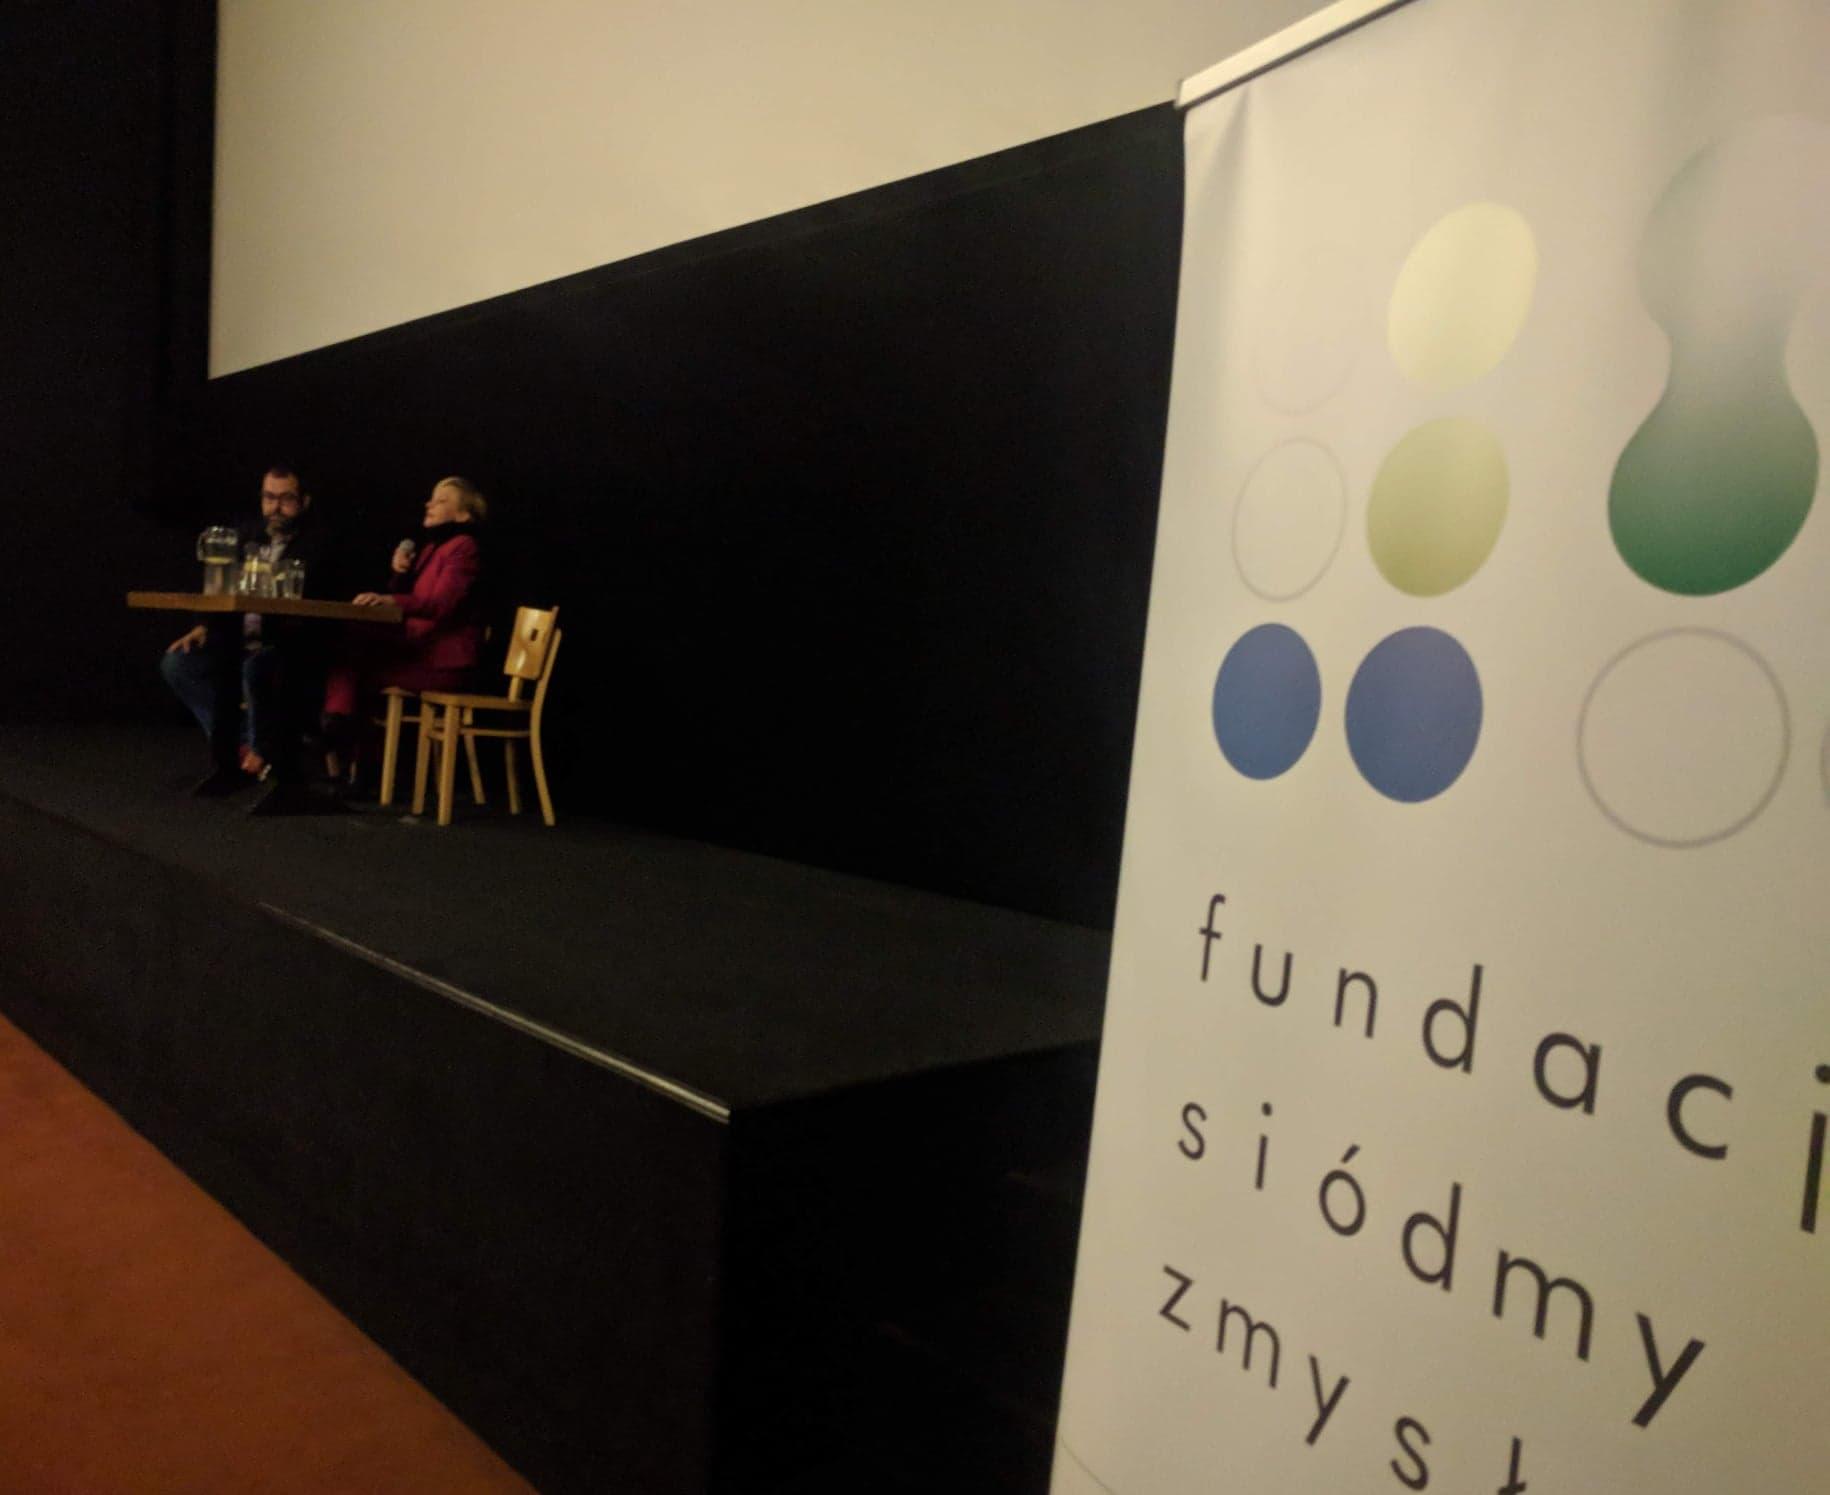 Scena pod białym kinowym ekranem. Przy stoliku siedzą Maciej Gil oraz Barbara Kurzaj. W lewym rogu baner Fundacji Siódmy Zmysł